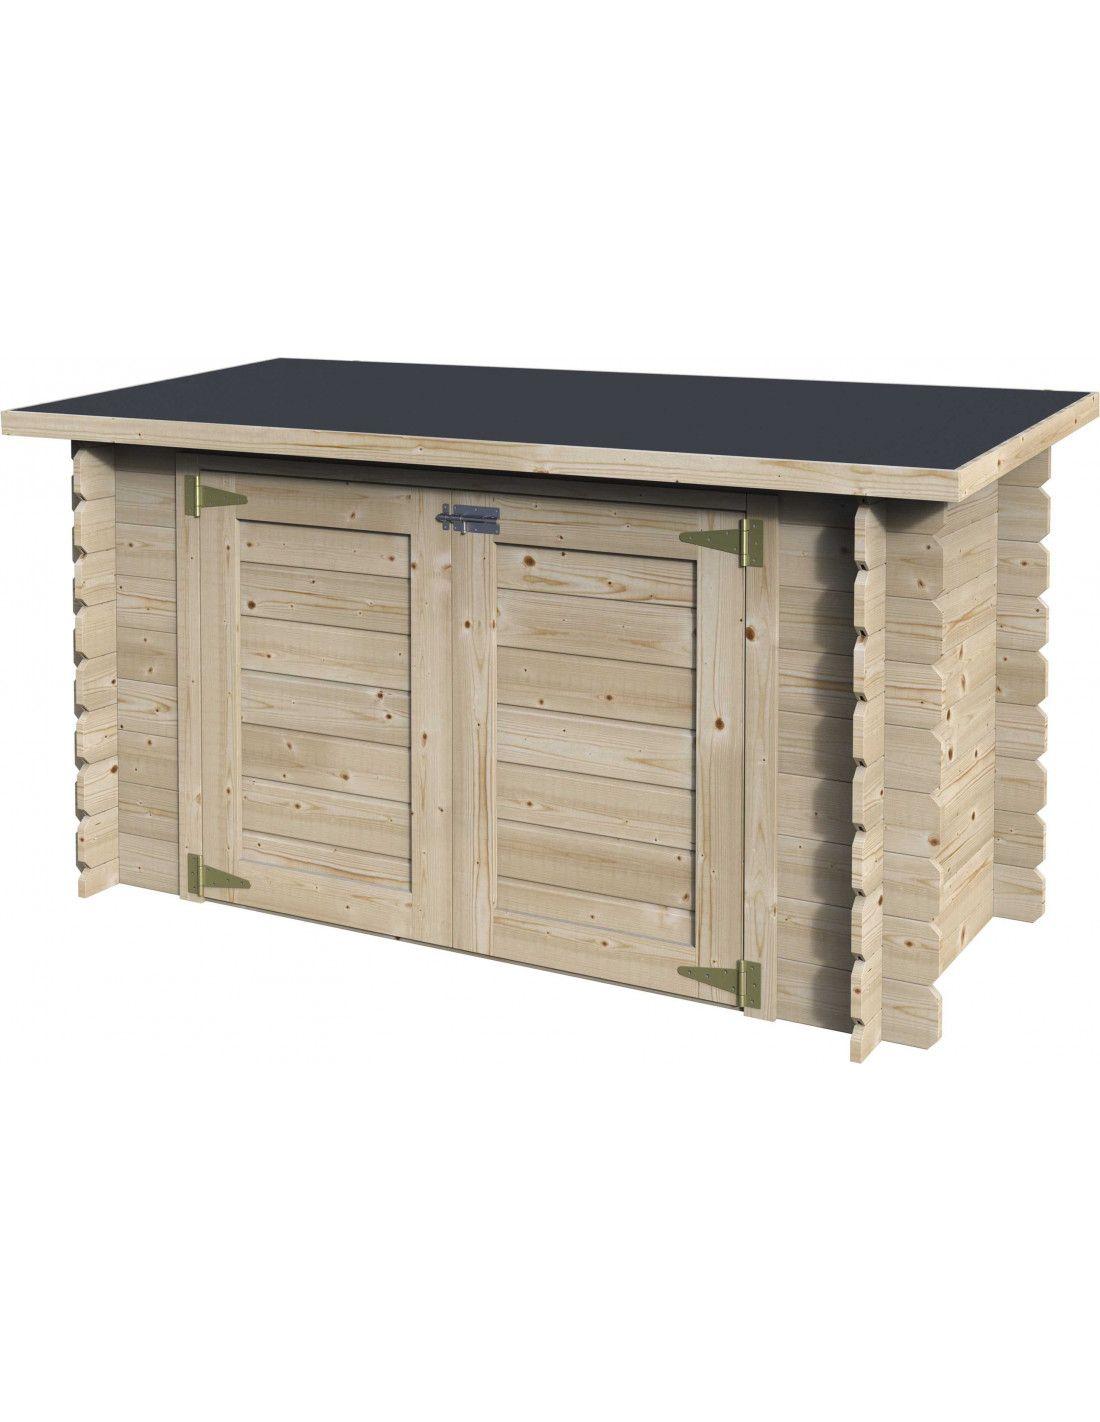 Armario de madera ideal para piscinas - Armario de madera para exterior ...